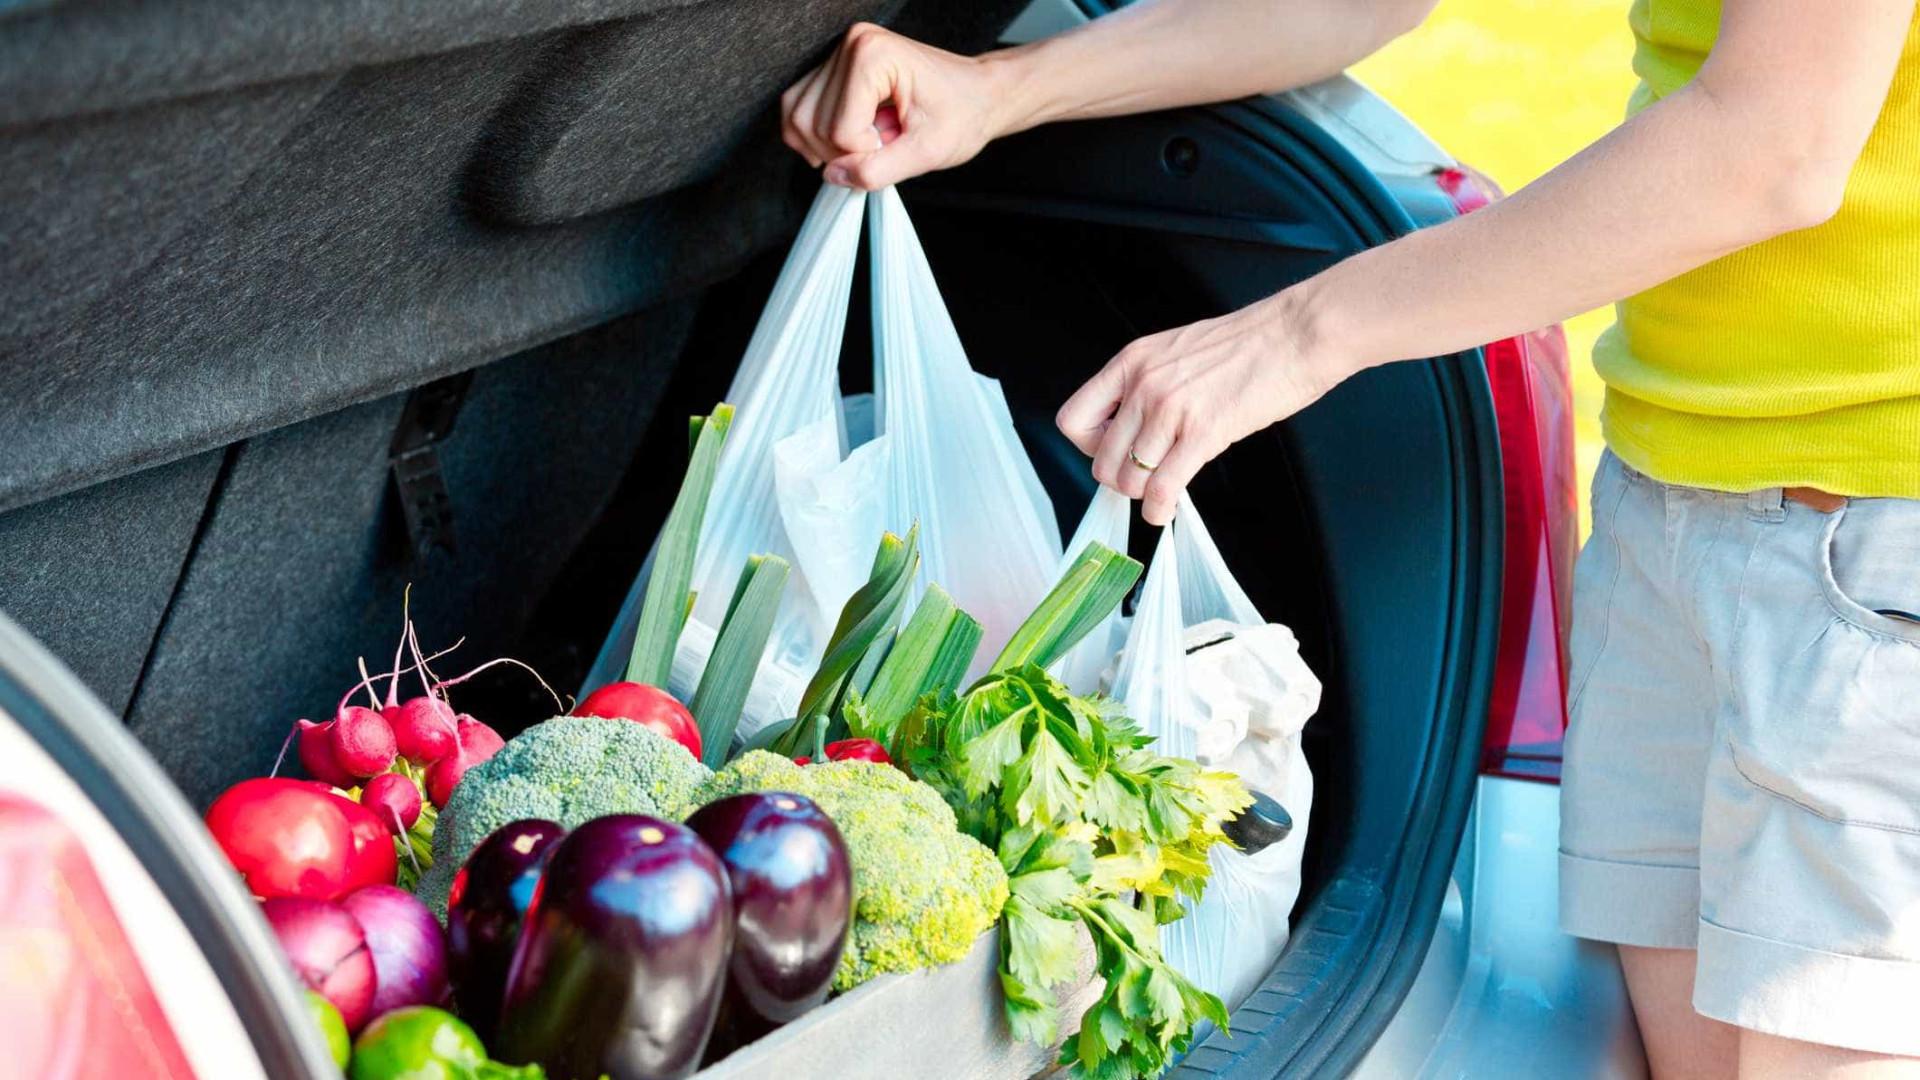 Colocar comida na mala do carro pode deixá-lo doente. Previna-se